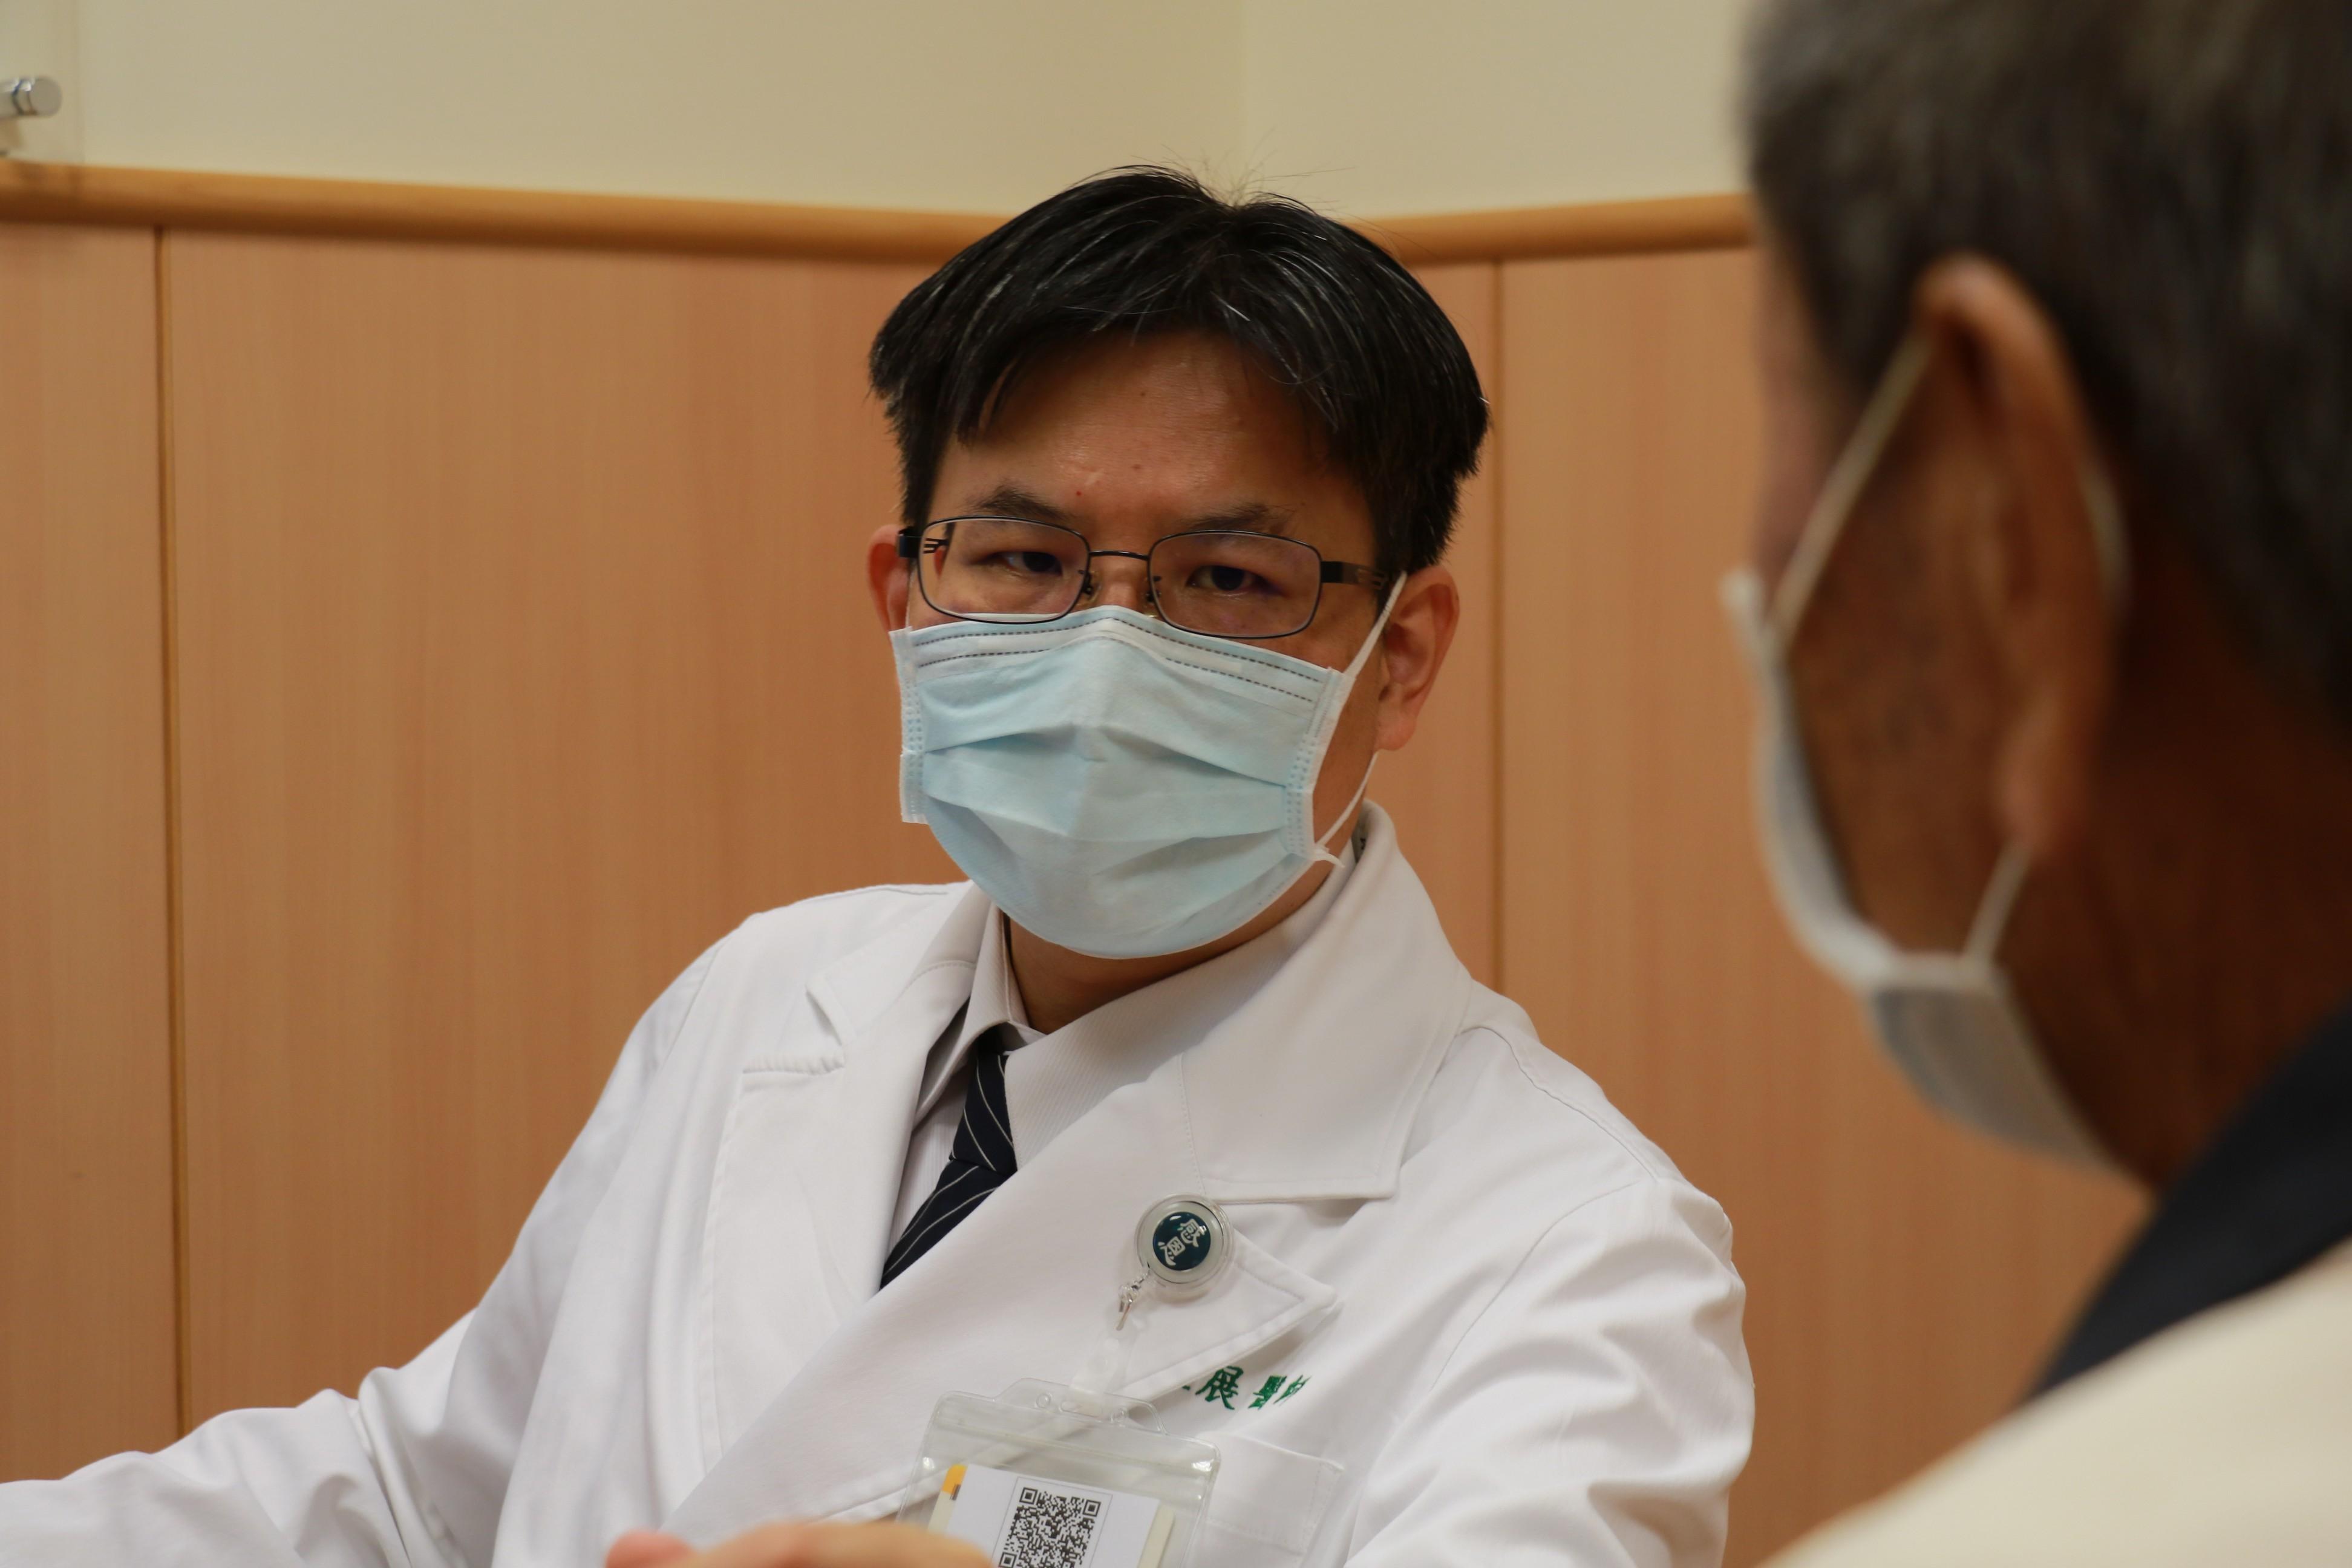 癌友是否要接種流感疫苗?余政展主任建議應諮詢主治醫師,決定接種與否與適當時機。